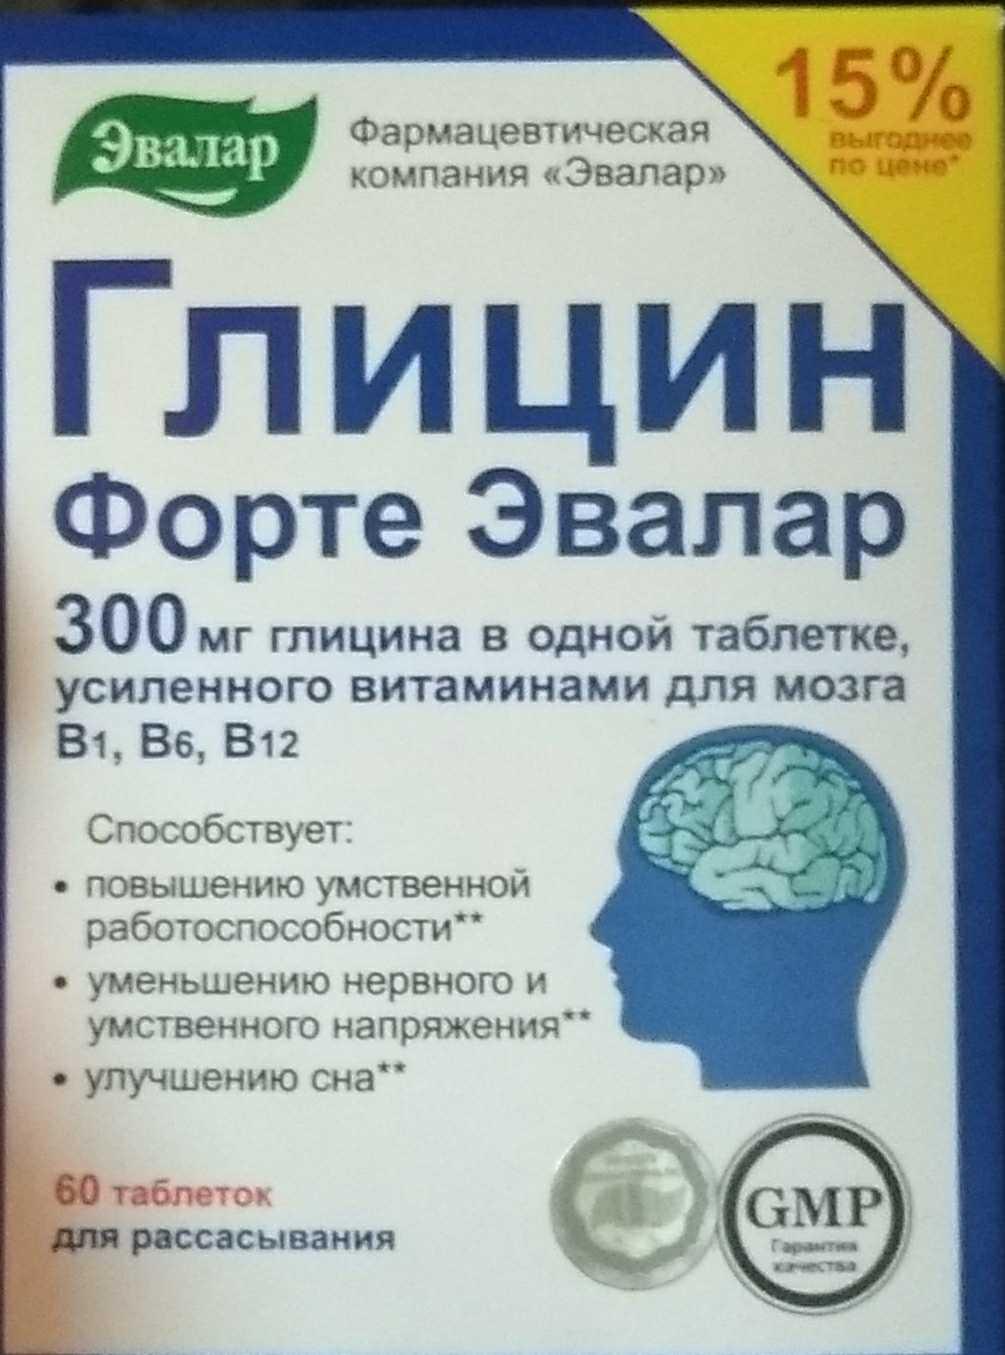 Витамины для памяти и внимания детям: как улучшить работу мозга